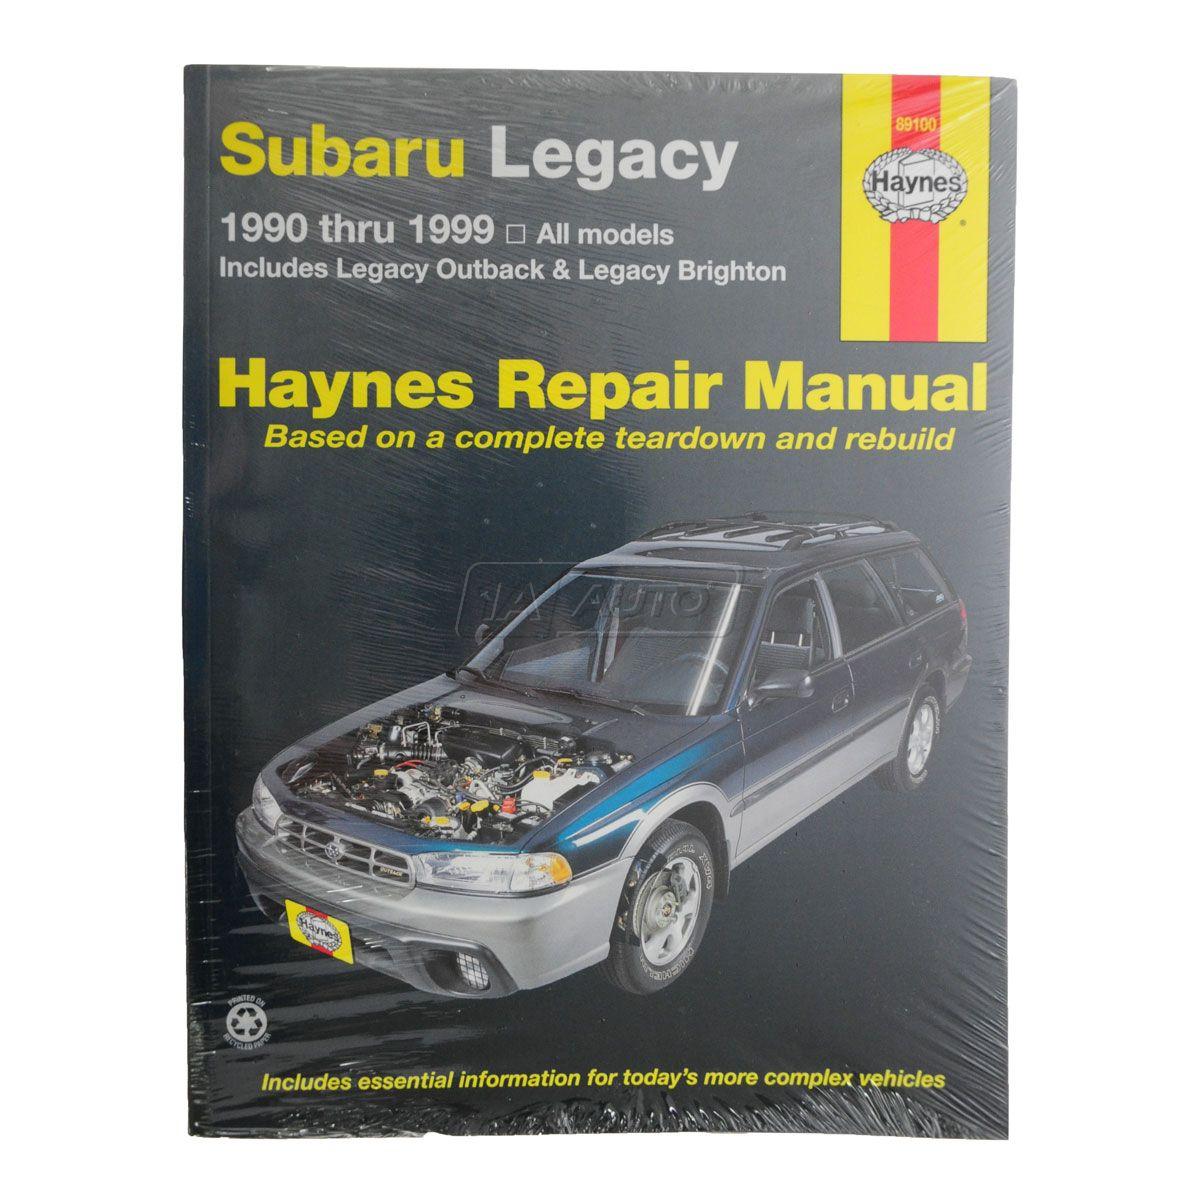 haynes repair manual for subaru legacy outback 90 99 ebay rh ebay co uk 1997  subaru legacy outback owners manual pdf subaru legacy wagon owners manual